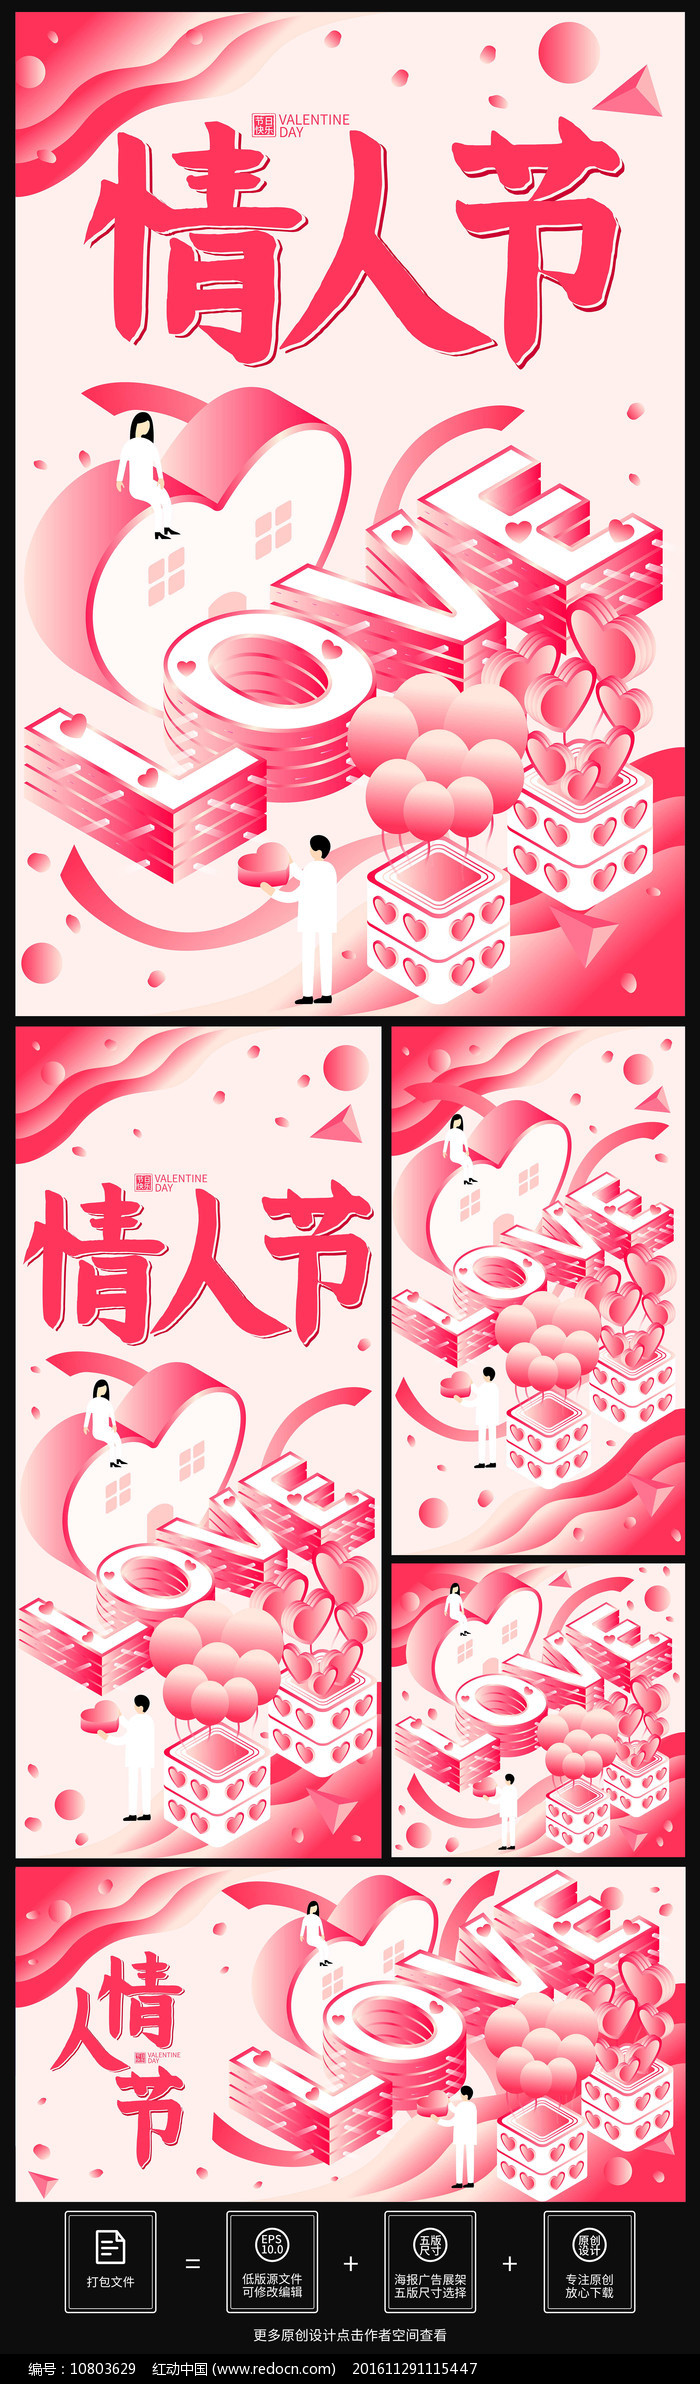 红色浪漫情人节LOVE海报图片